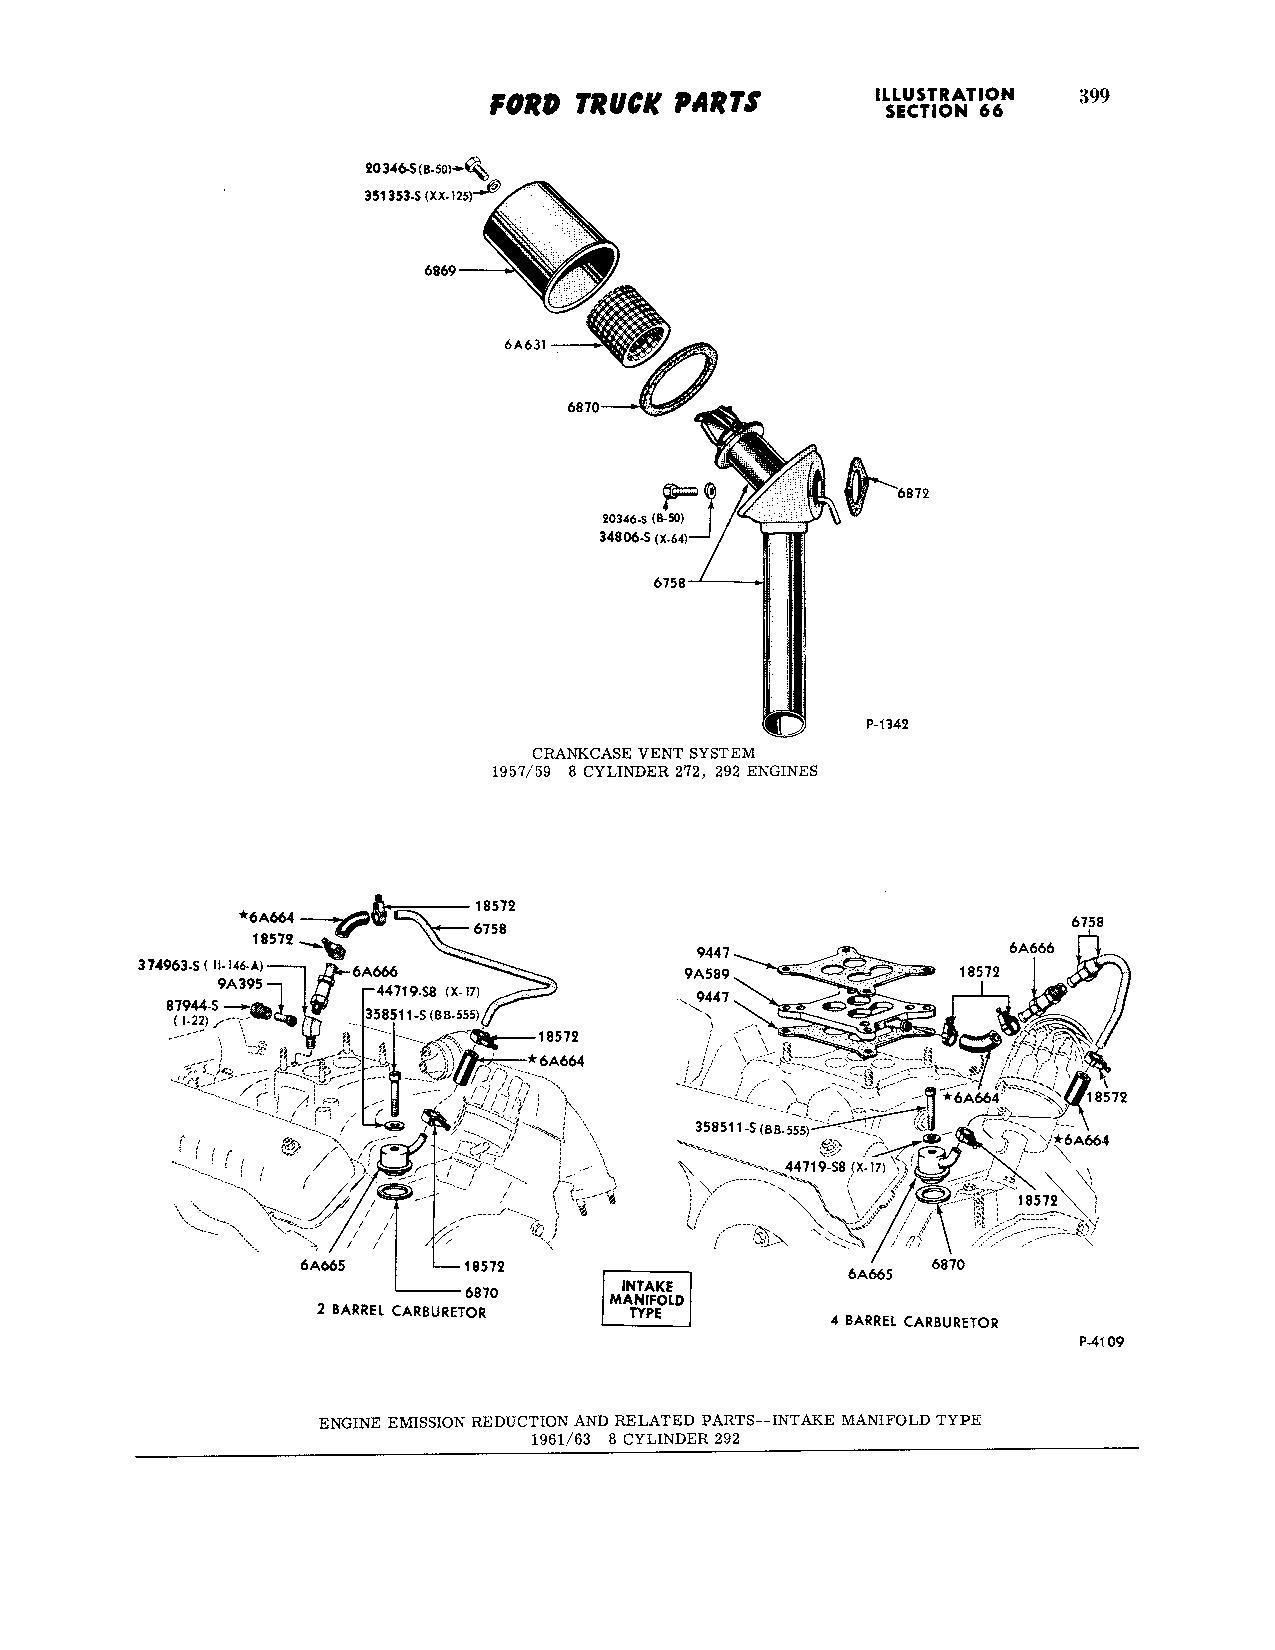 Ford Y Block Engine Diagram Full Hd Version Engine Diagram